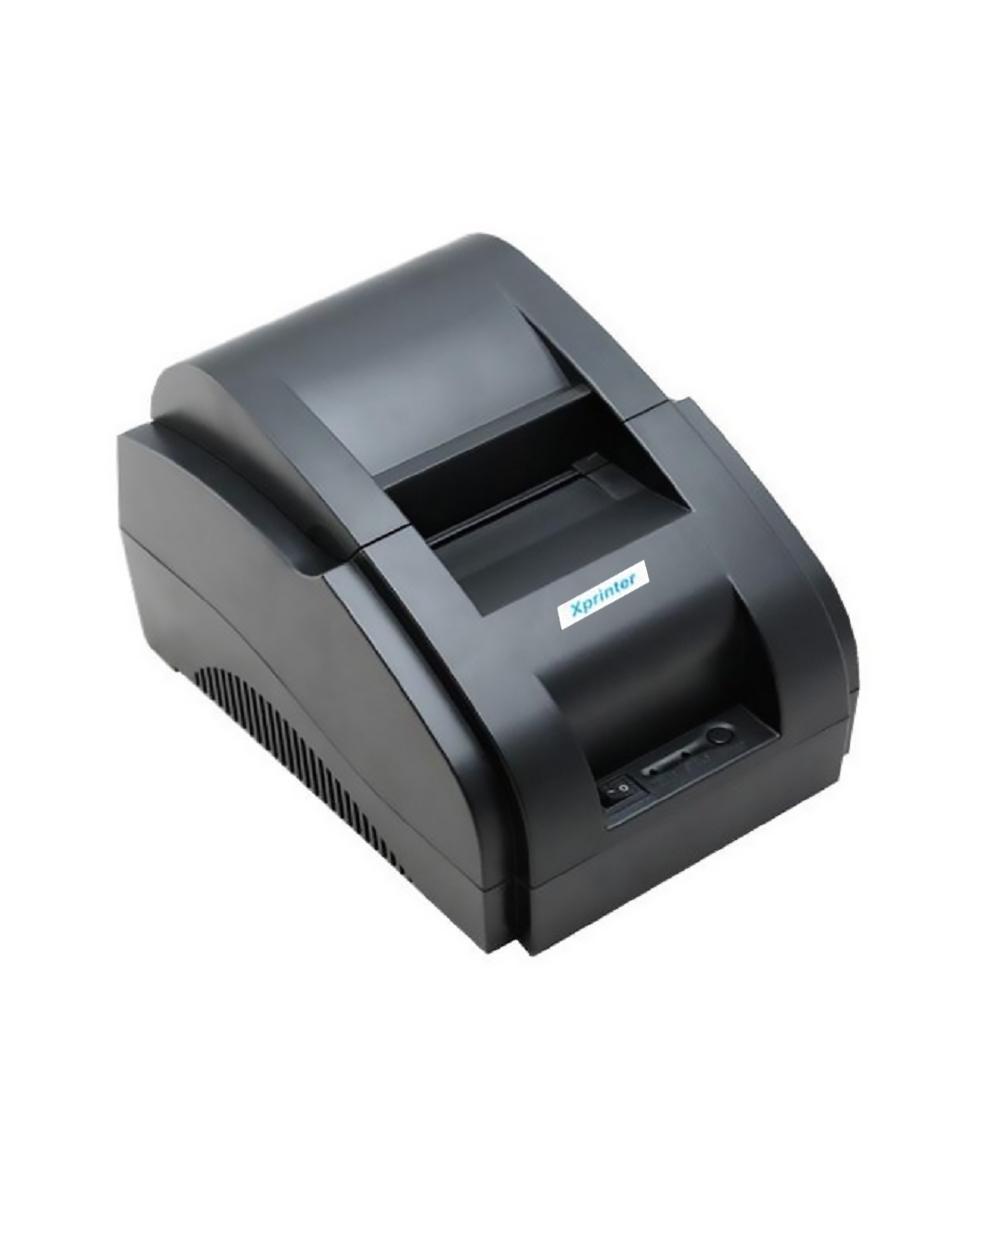 Máy in hóa đơn Xprinter 58IIH